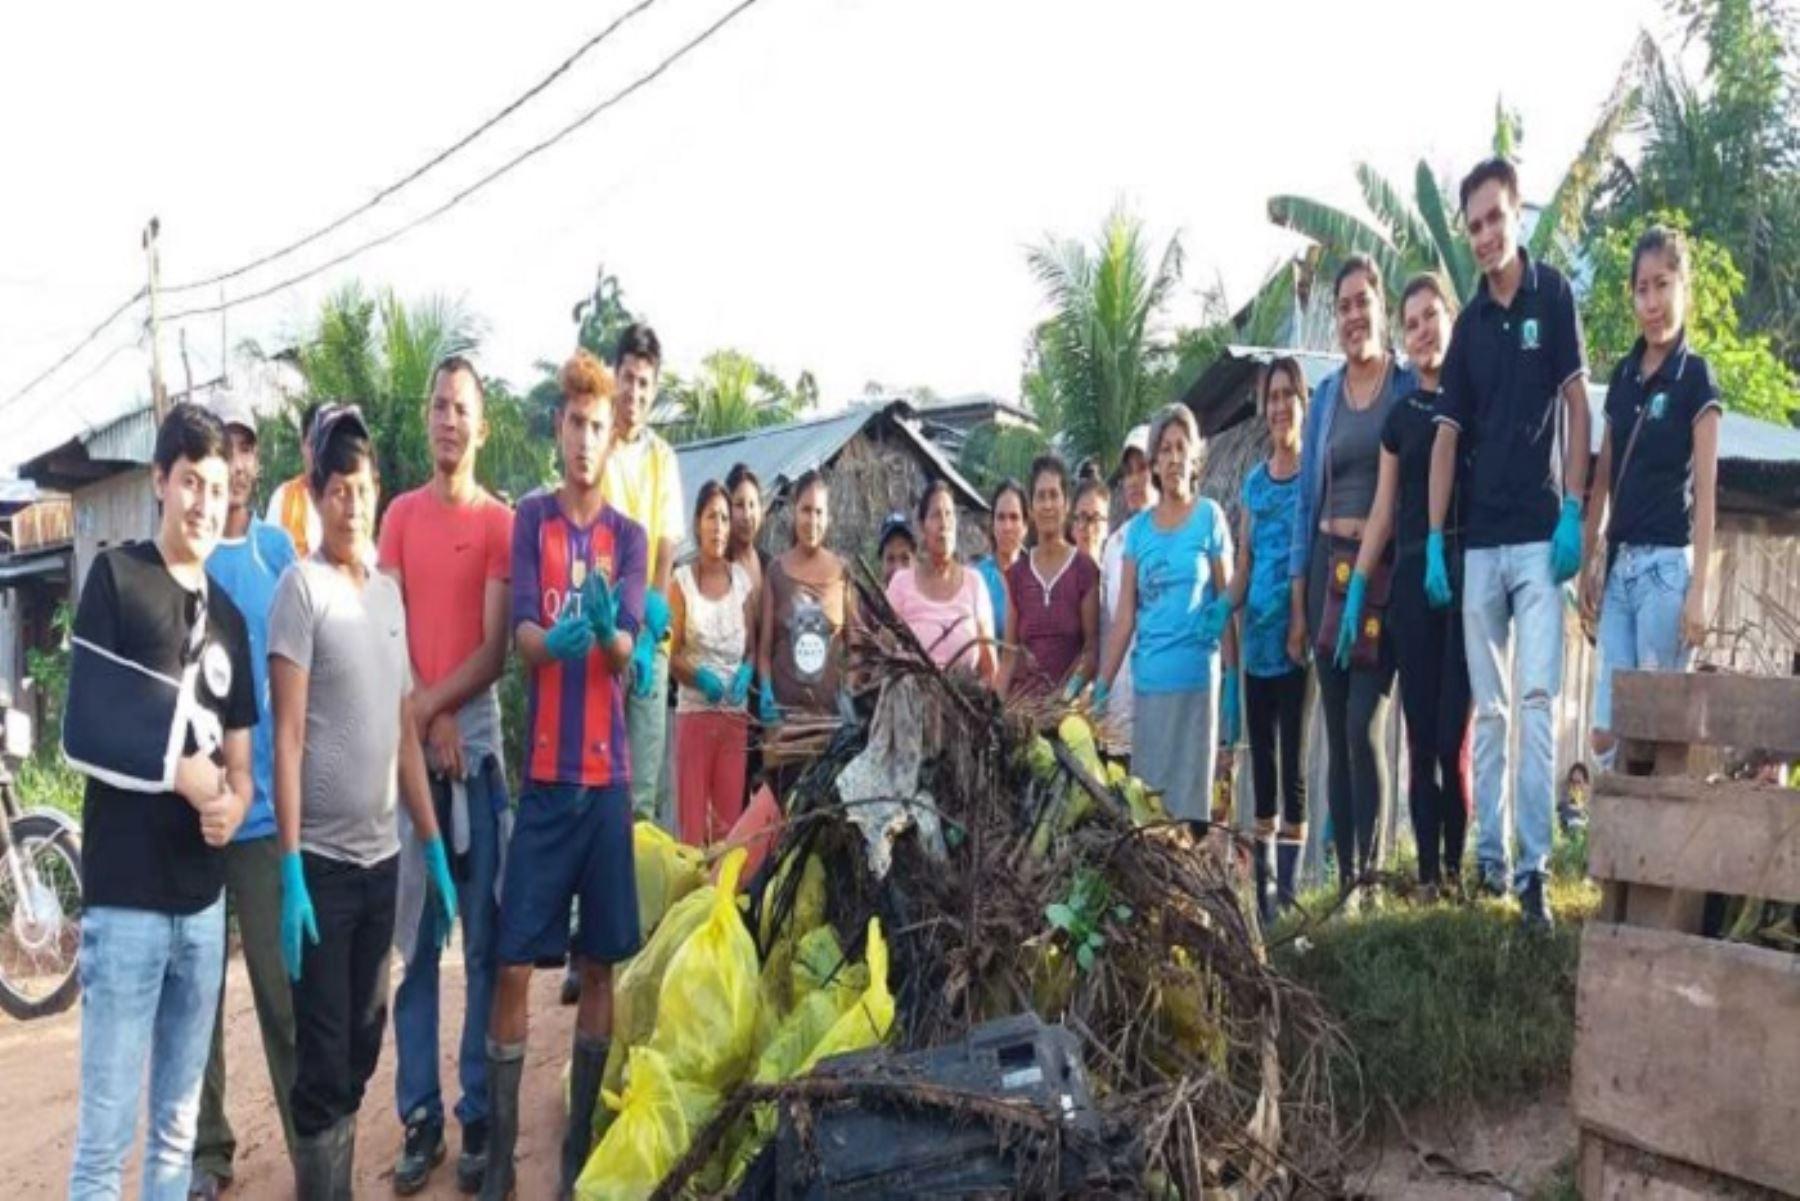 El Gobierno, a través del Ministerio de Agricultura y Riego, recolectó una tonelada de basura en la 'Hatun Quebrada' que cruza el distrito de Yurimaguas, provincia de Alto Amazonas, región Loreto; con la finalidad de sensibilizar a los pobladores de la zona a cuidar nuestras fuentes naturales de agua.